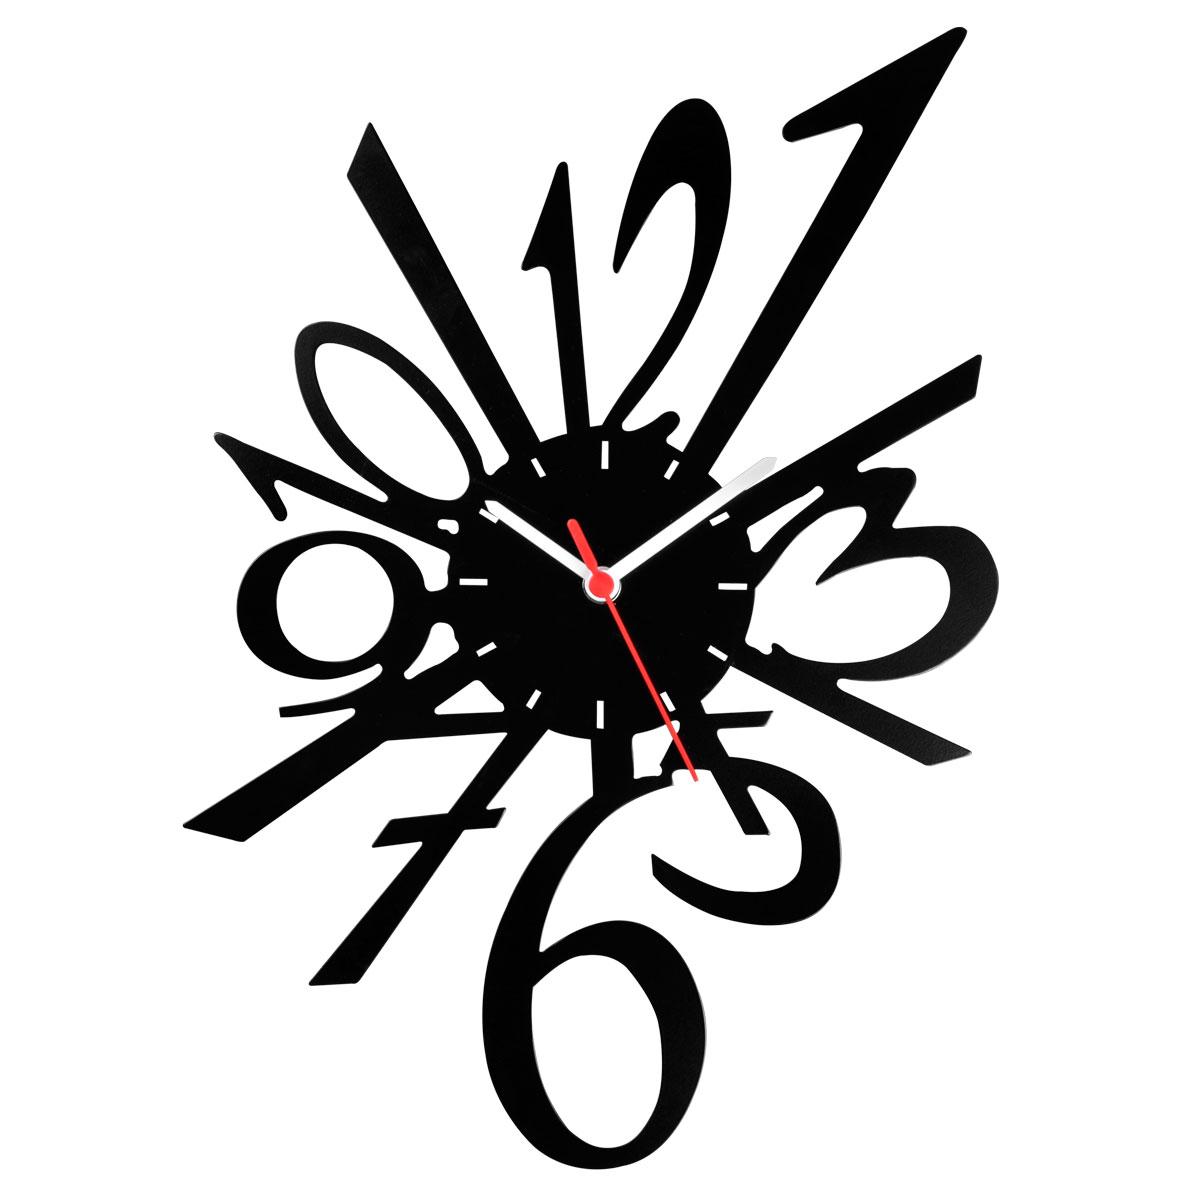 Часы настенные Miolla Цифры, цвет: черный, белыйCH007Оригинальные настенные часы круглой формы выполнены из стали. Часы имеют три стрелки - часовую, минутную и секундную и циферблат с цифрами. Необычное дизайнерское решение и качество исполнения придутся по вкусу каждому. Оформите свой дом таким интерьерным аксессуаром или преподнесите его в качестве презента друзьям, и они оценят ваш оригинальный вкус и неординарность подарка.